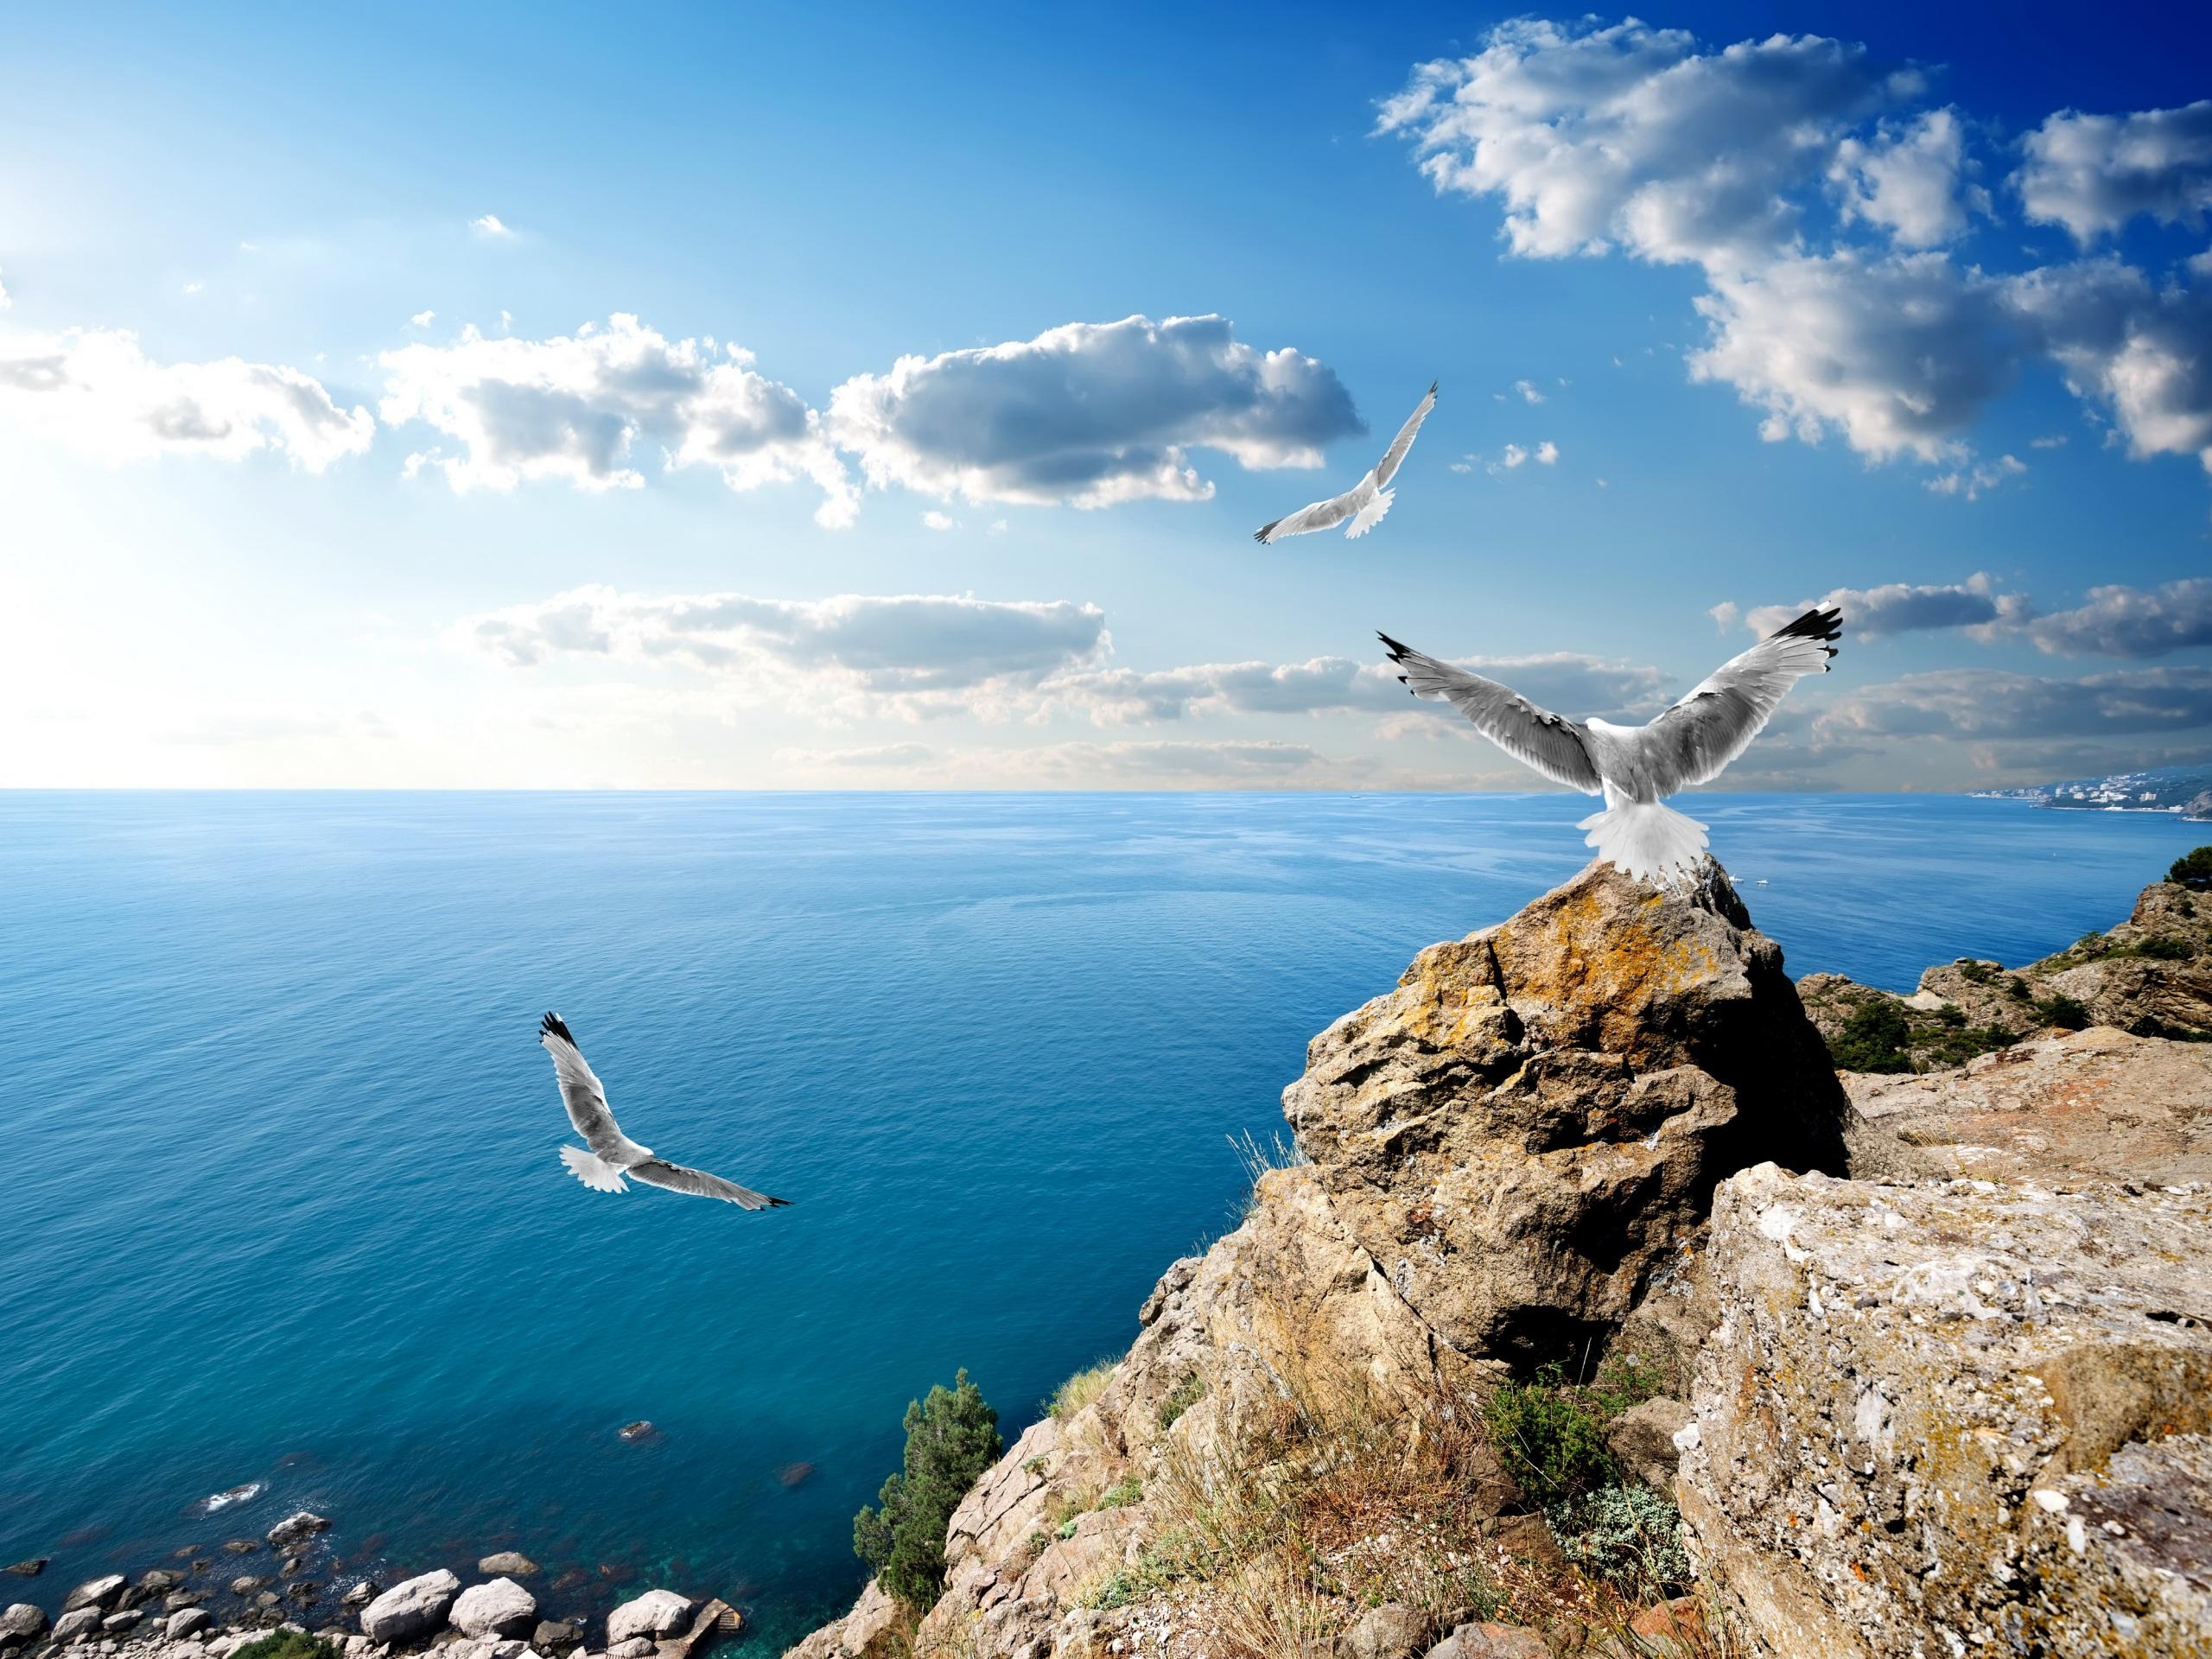 фото морская чайка в полете высокого качества очень дорого, начала